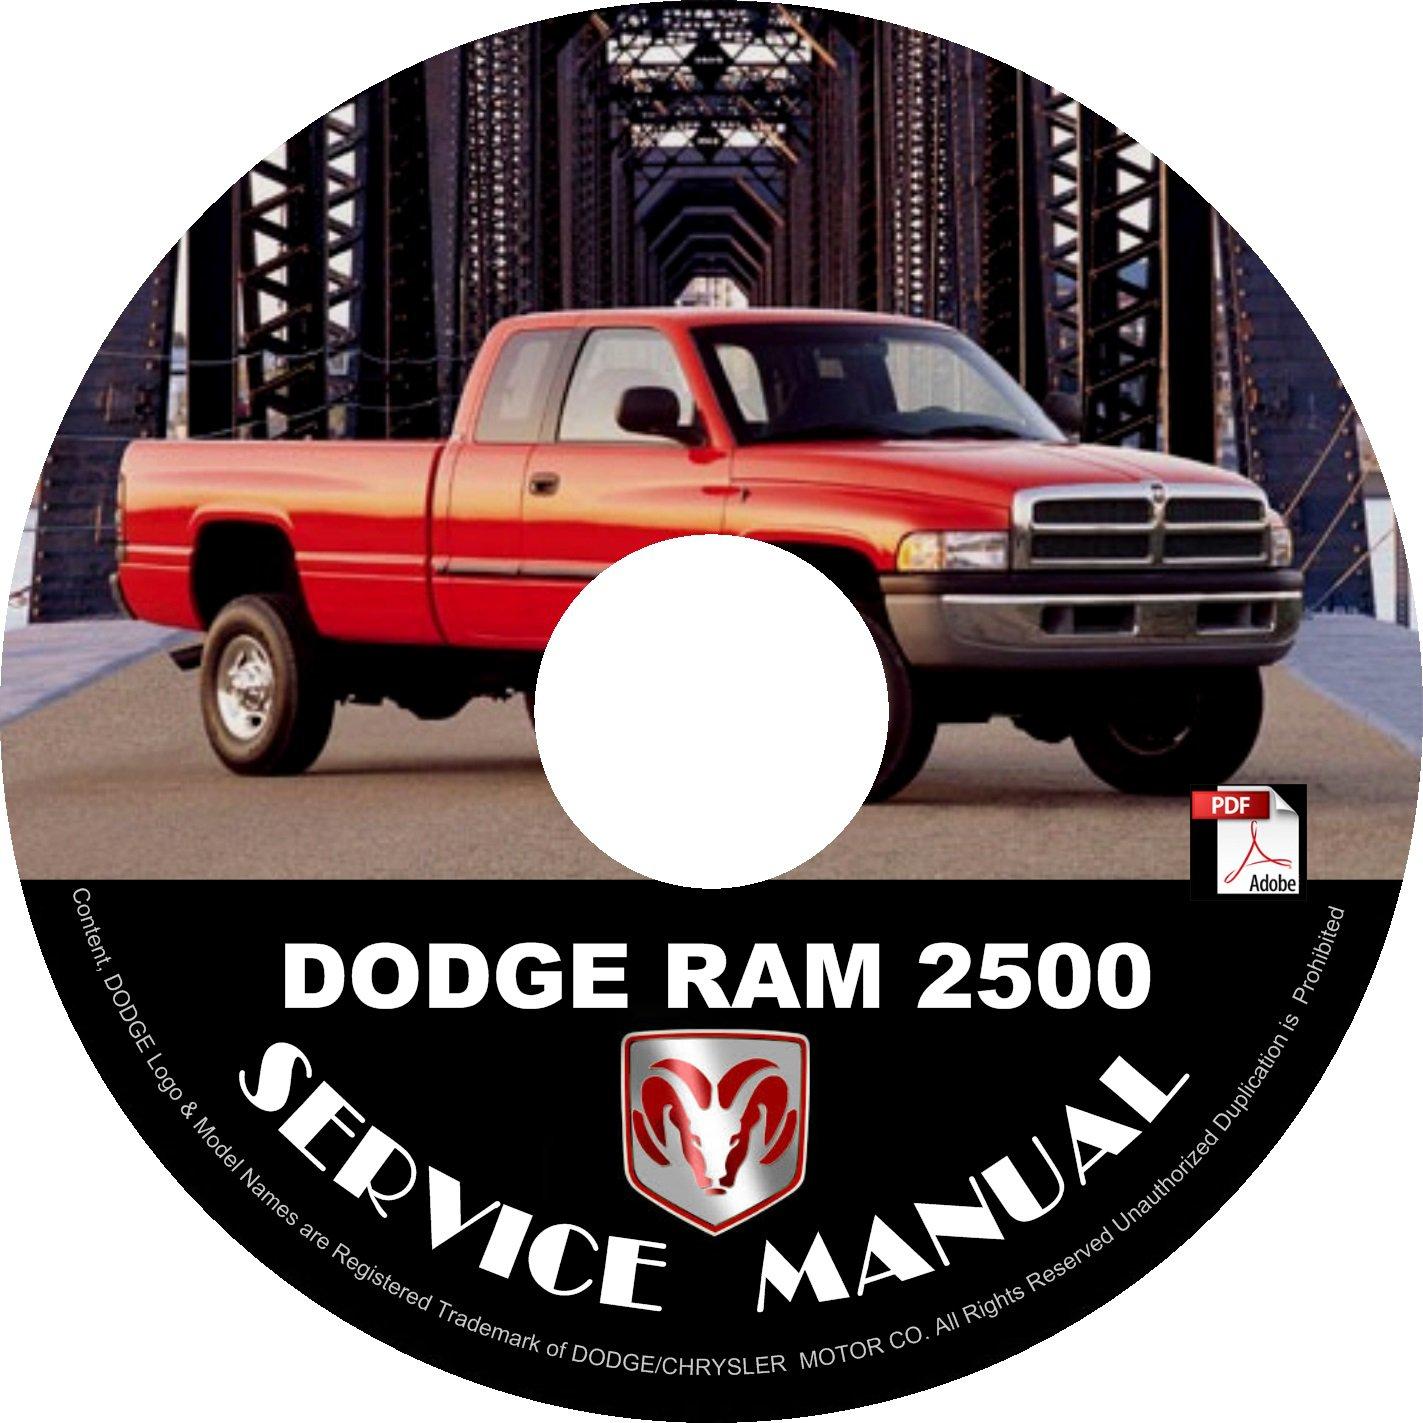 1999 Dodge RAM 2500 Factory Service Repair Shop Manual on CD Fix Repair Rebuilt